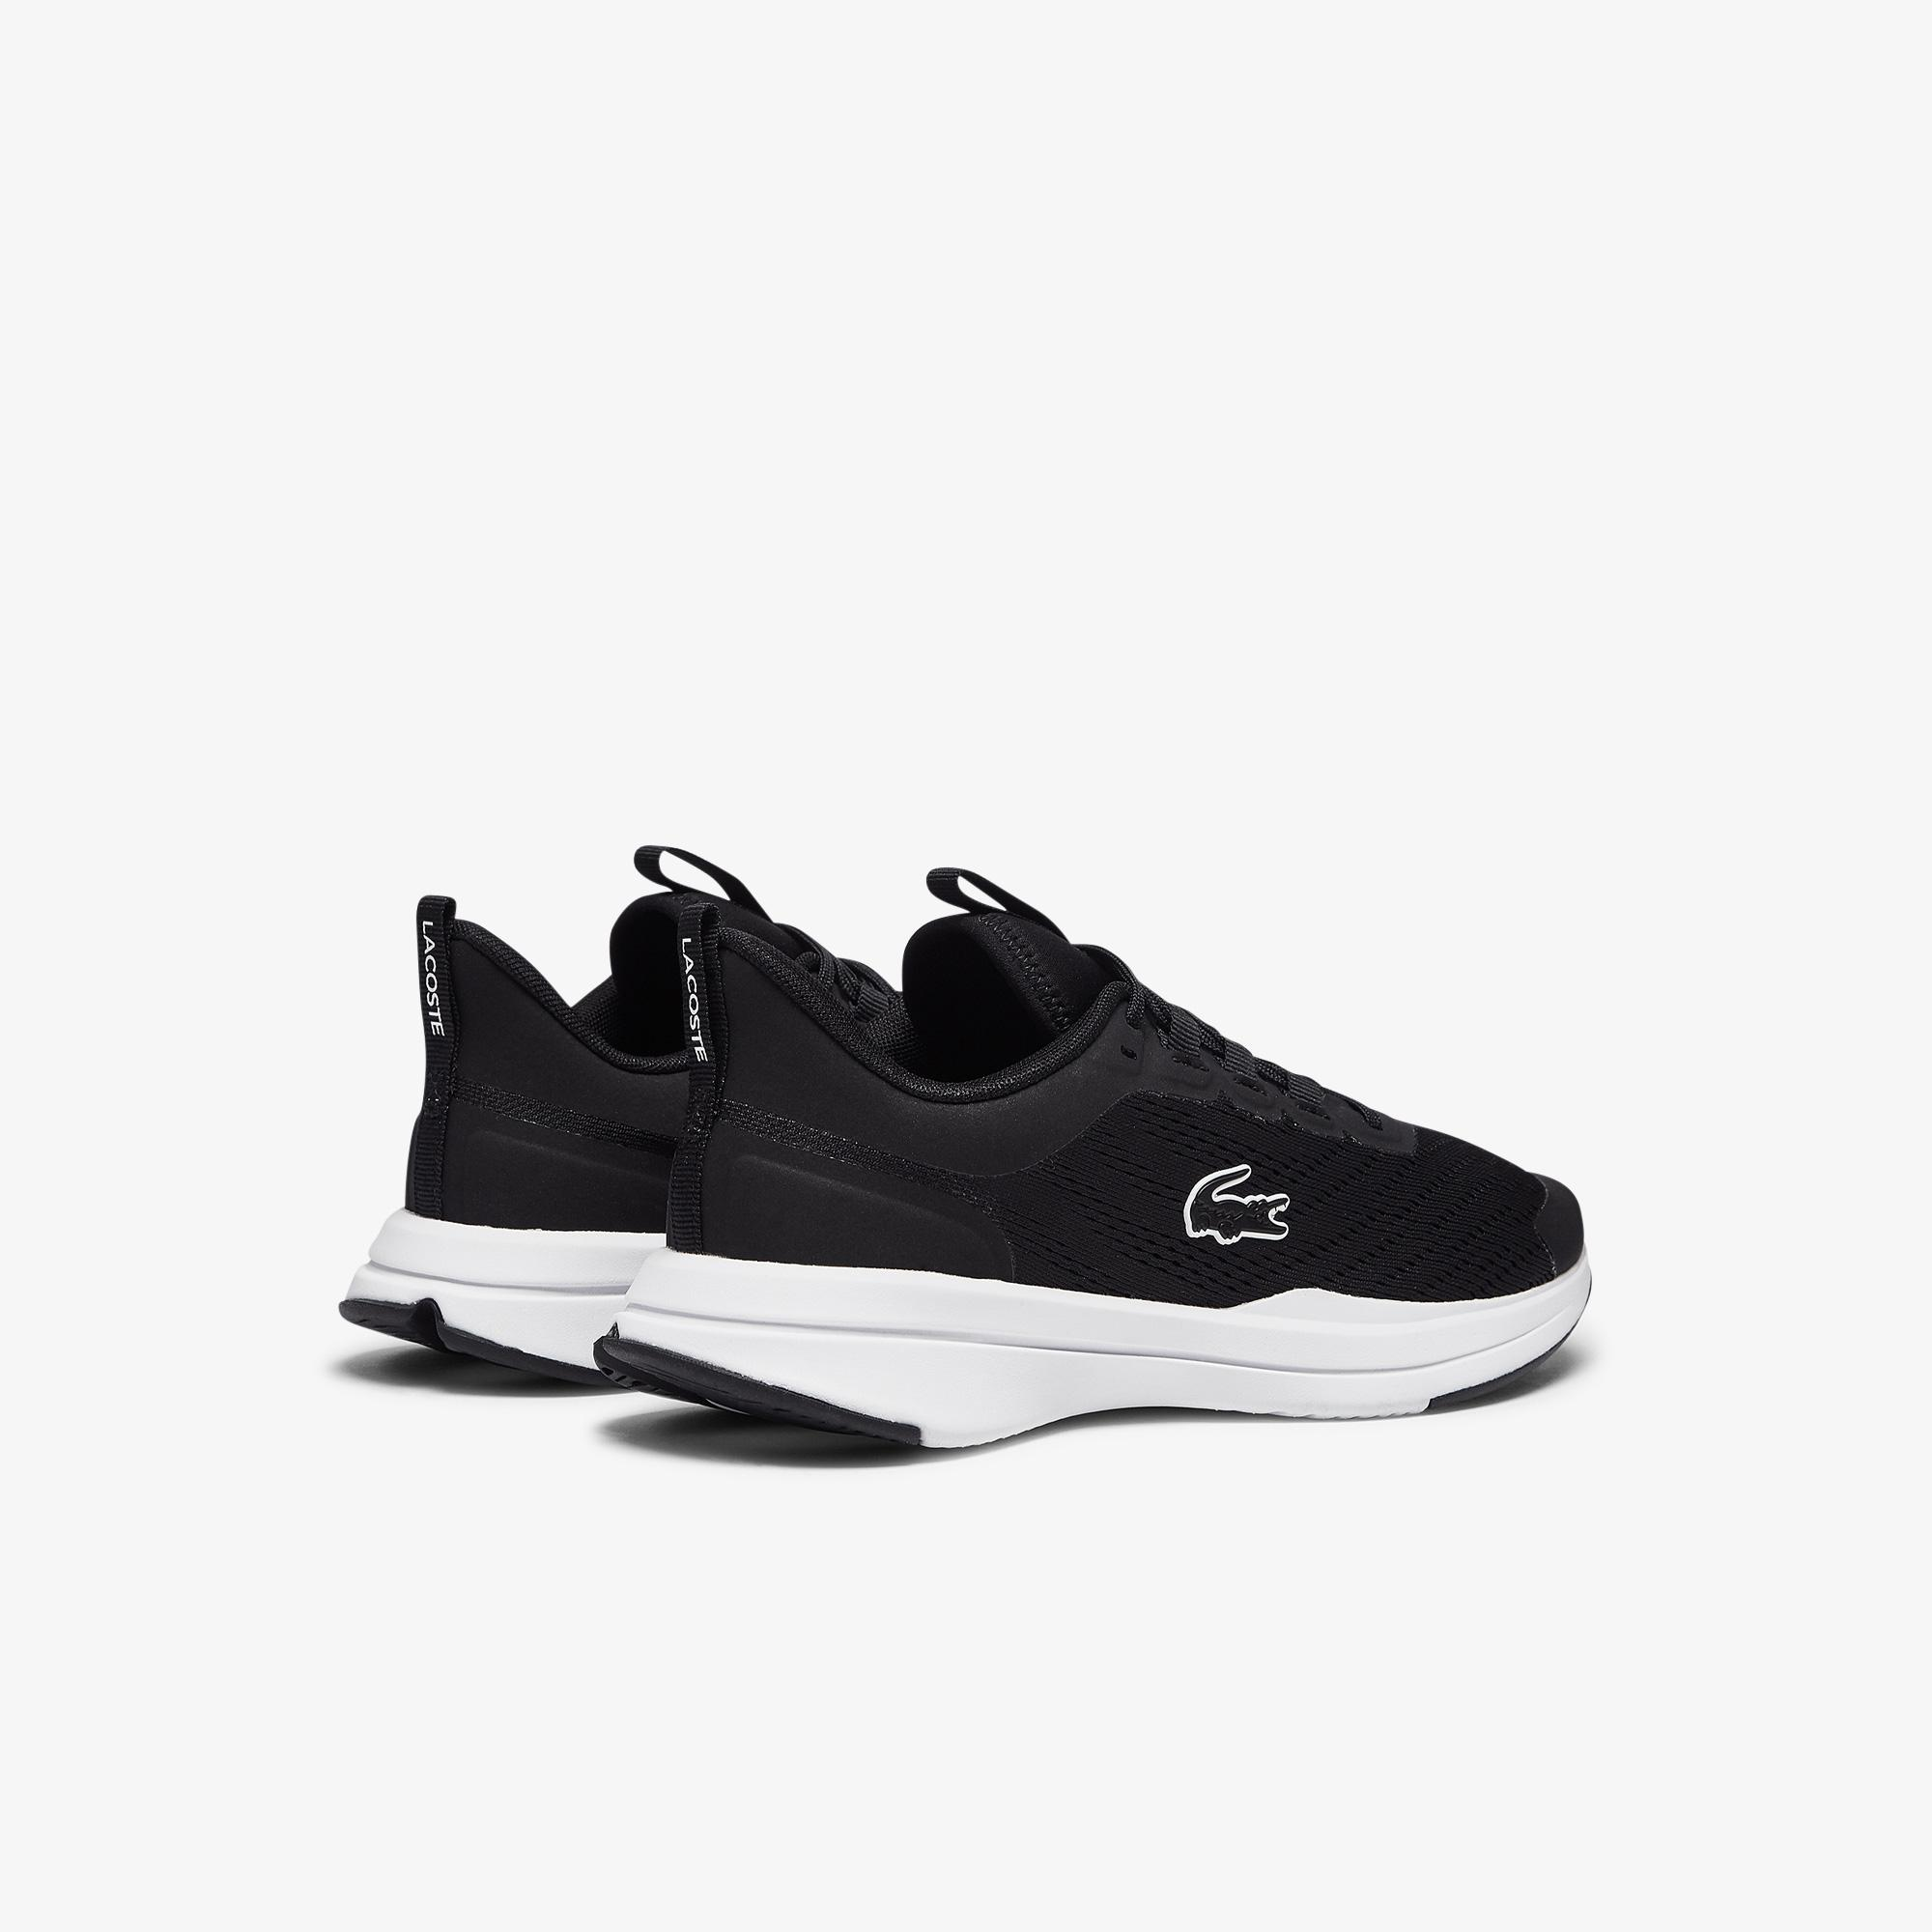 Lacoste Run Spin 0721 1 Sfa Kadın Siyah - Beyaz Sneaker